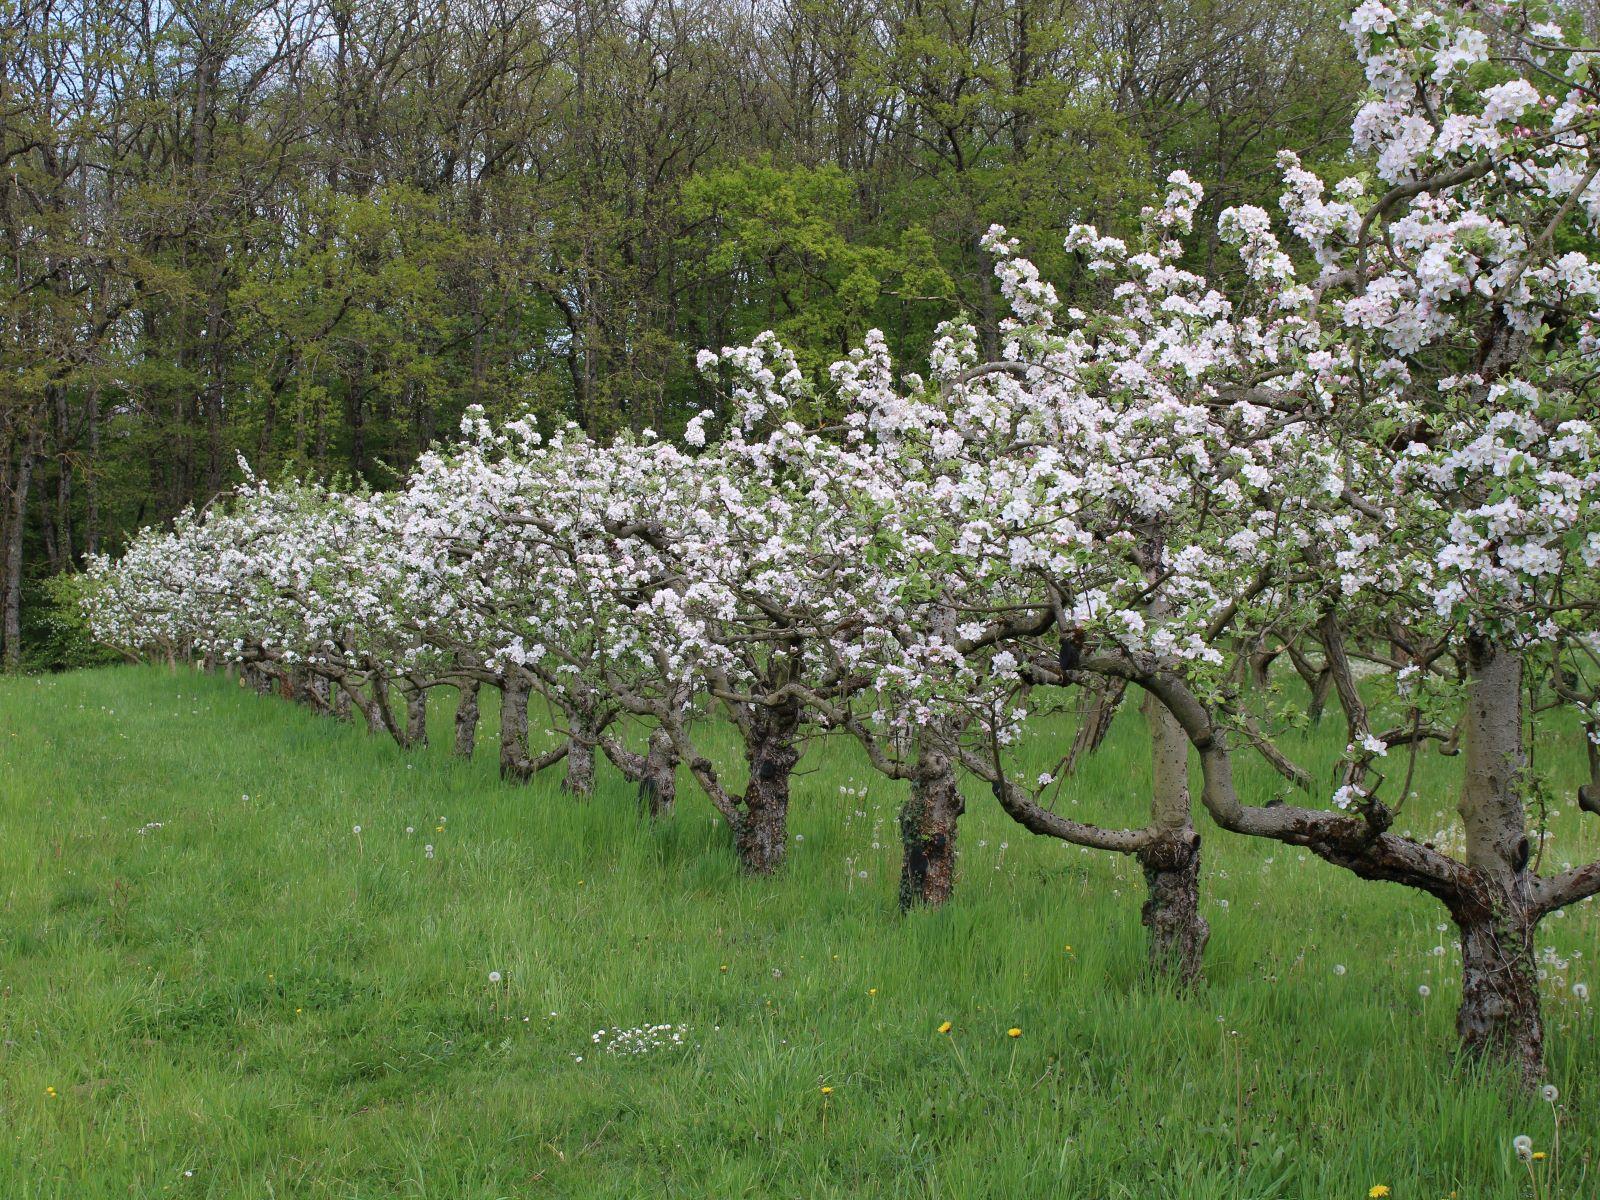 Avril - Dans le verger de Pommiers, c'est du plus bel effet